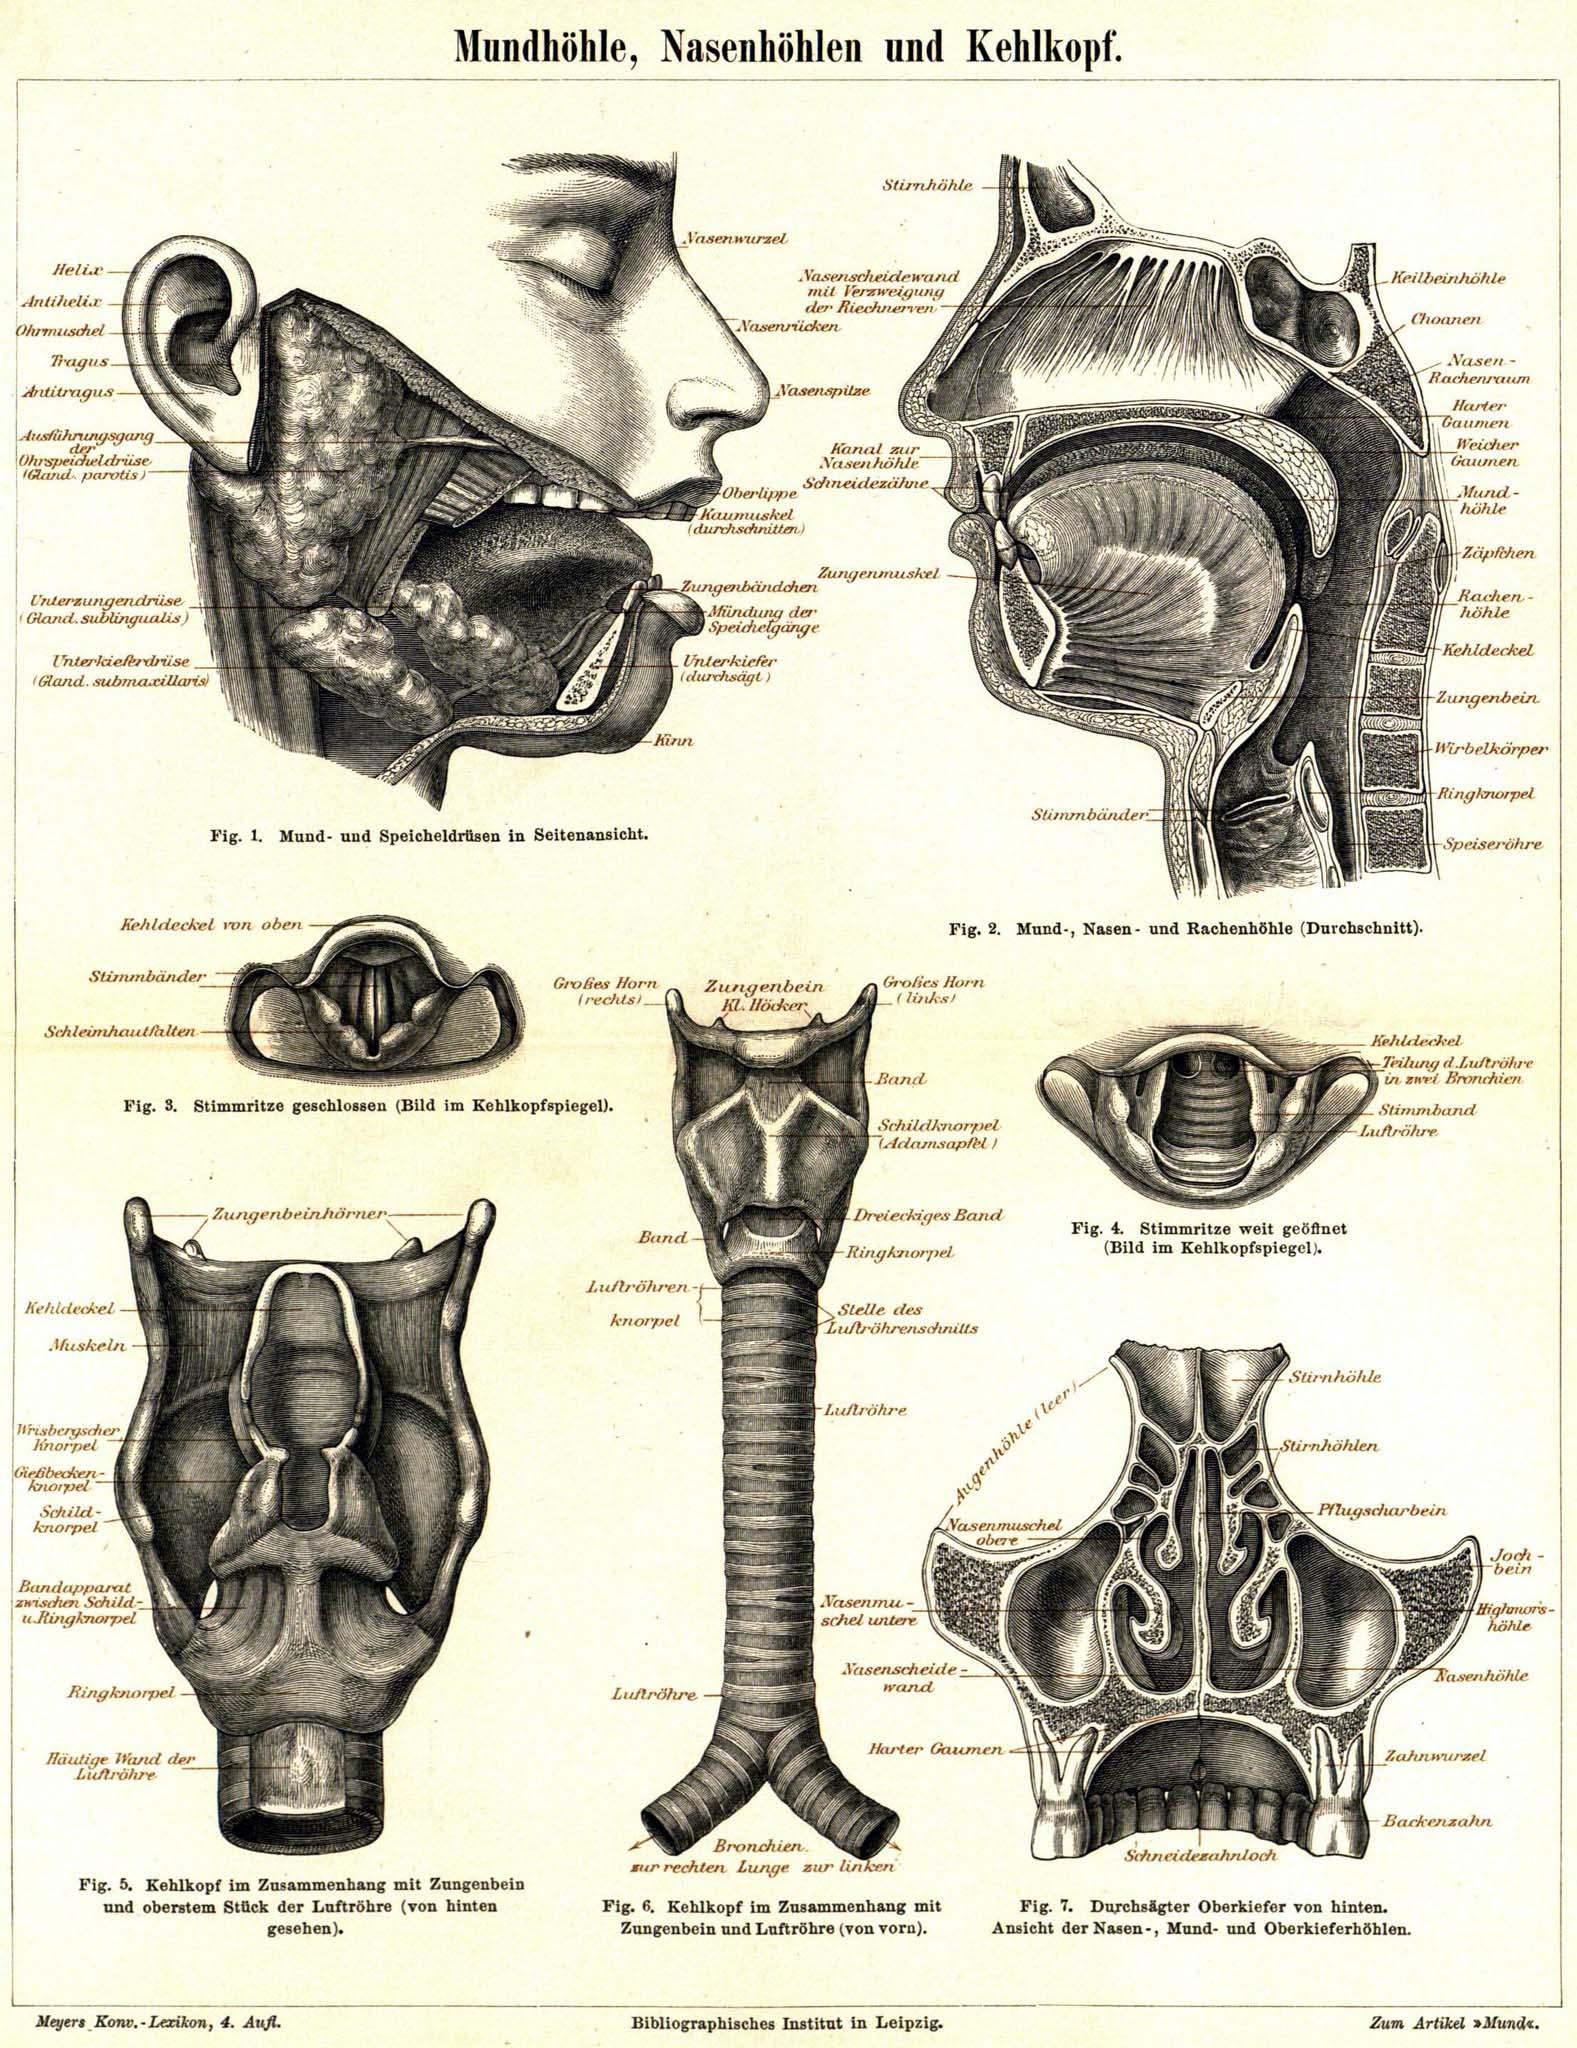 retro|bib - Seite aus Meyers Konversationslexikon: Mundhöhle ...